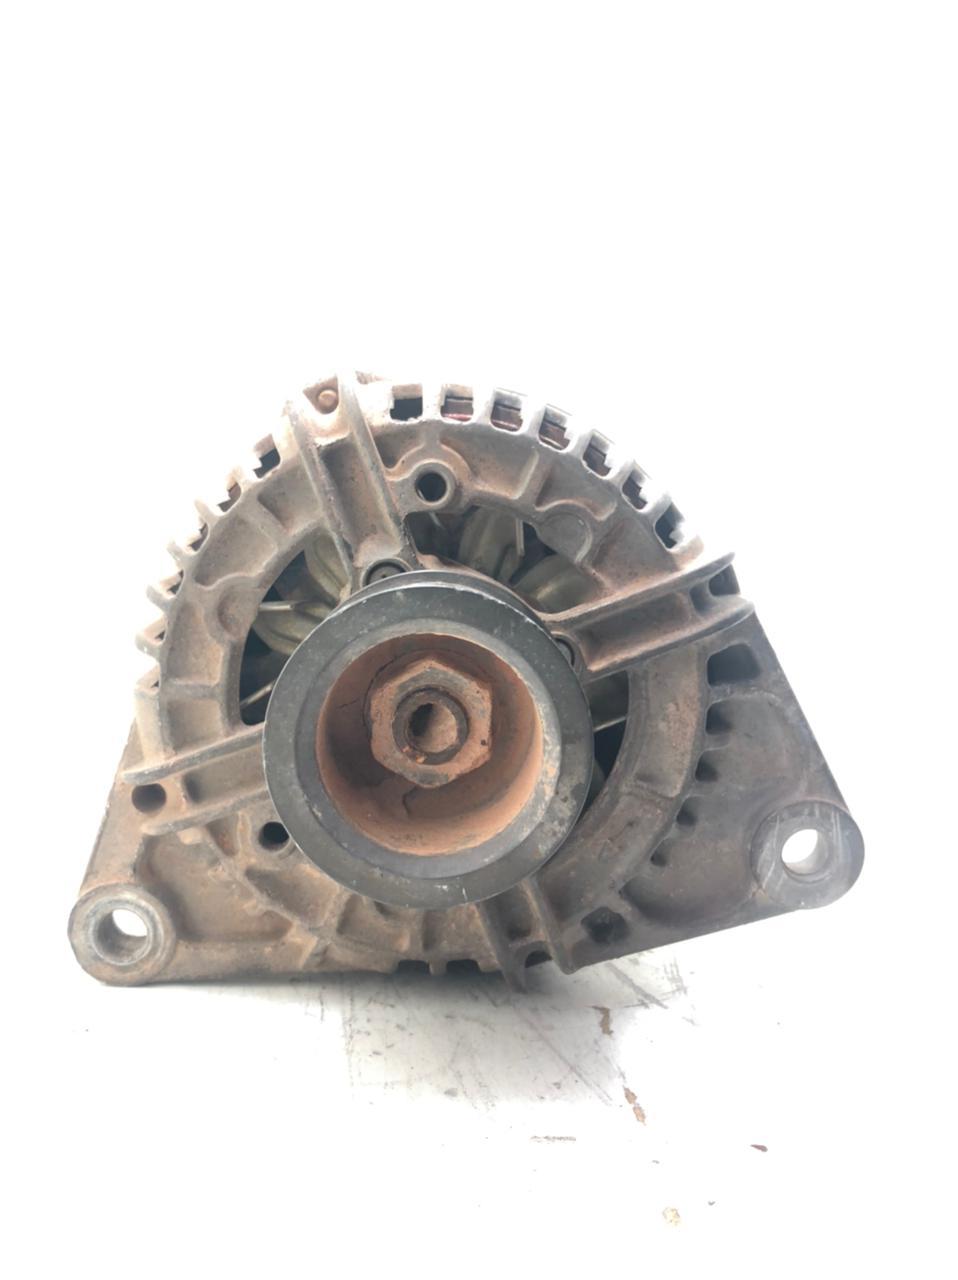 Alternador Delco Bosch 24V 90Amp Iveco Eurocargo Tector Cummins Case 621 Case 521 Case 721 DR30012VLP 30012VLP 4892318 4892318 0124555005 0124655005 42498713